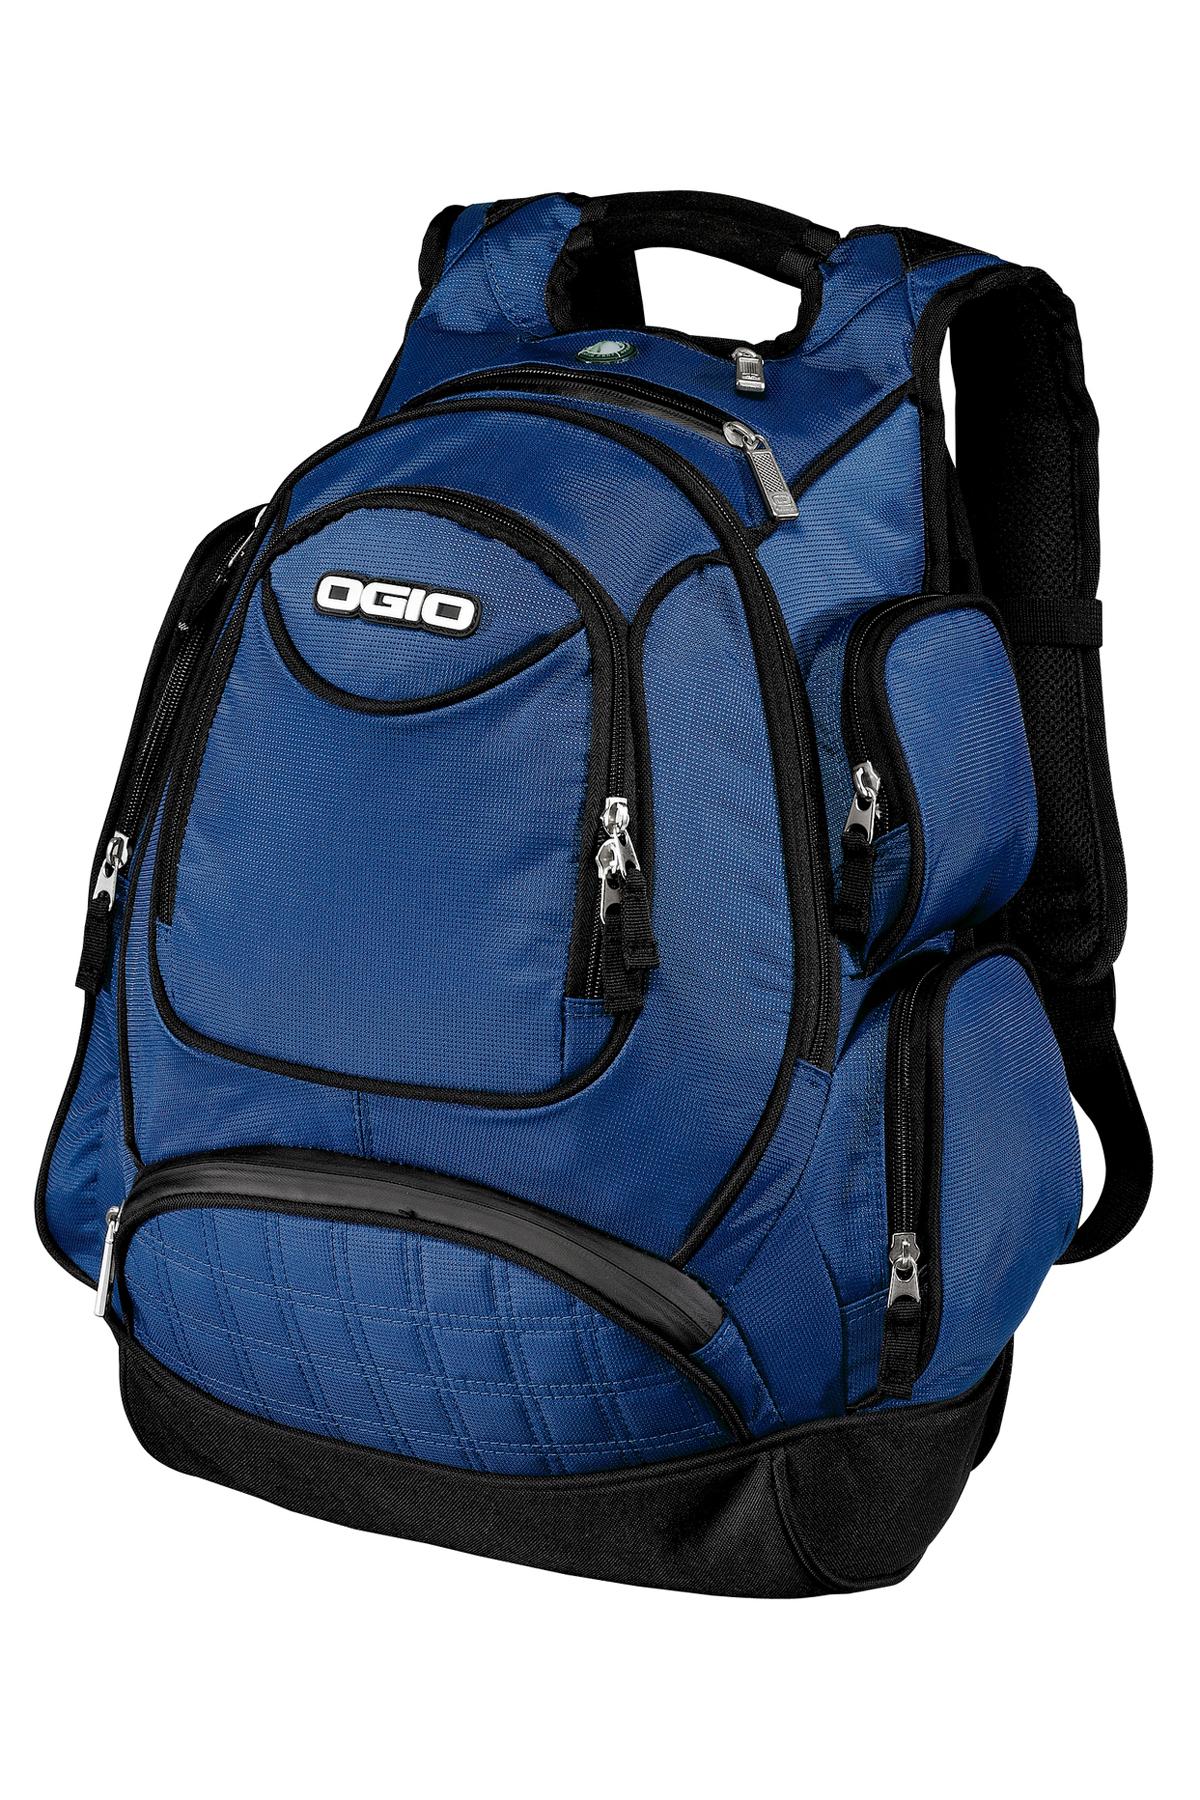 Bags-Backpacks-16